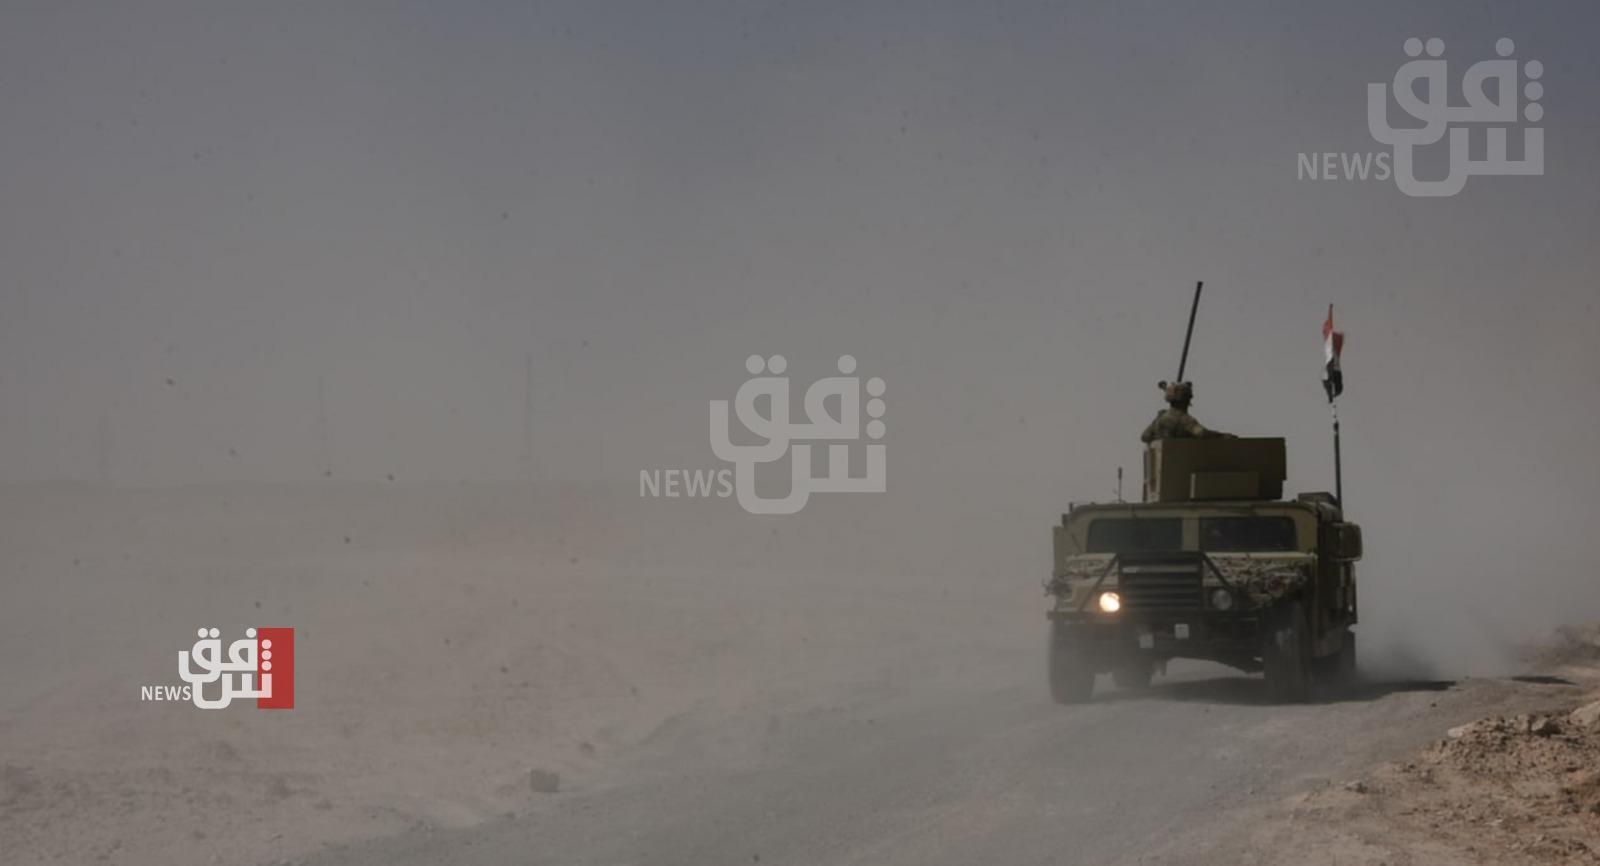 تفاصيل جديدة عن هجوم داعش قرب خانقين .. 4 ضحايا و5 جرحى